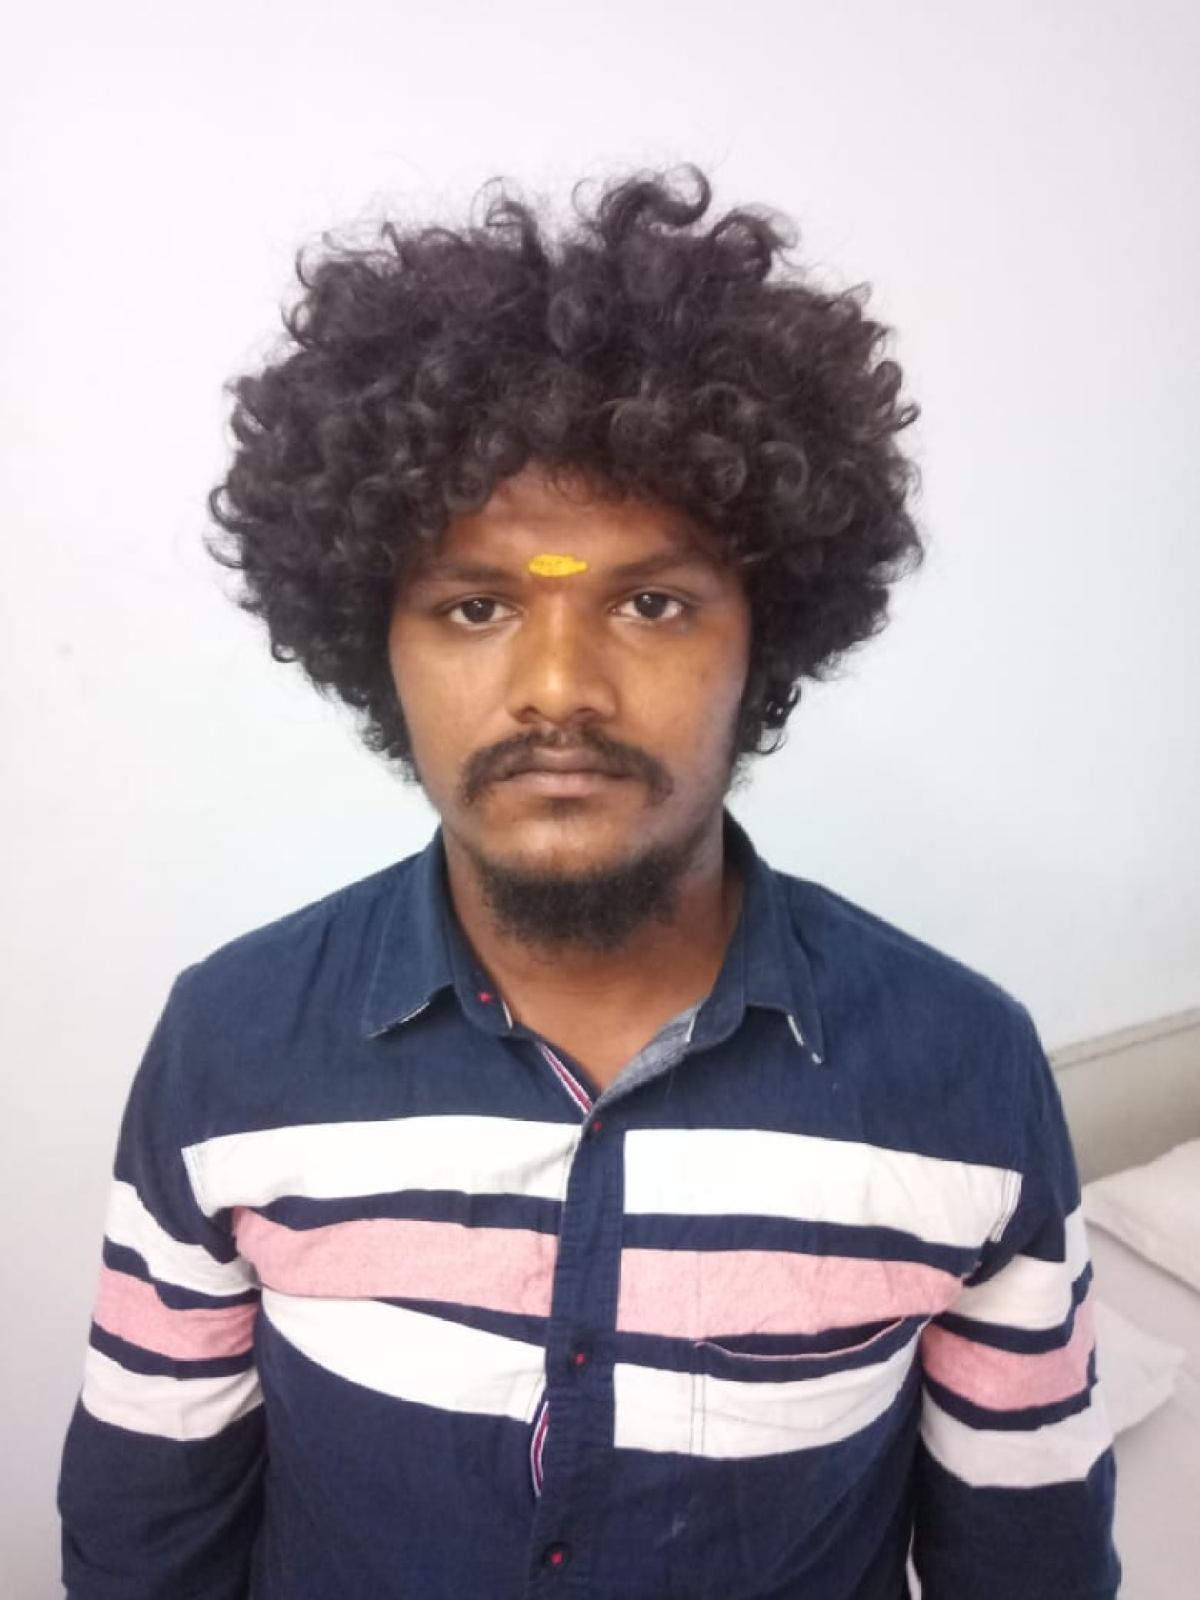 புறா கார்த்திக்